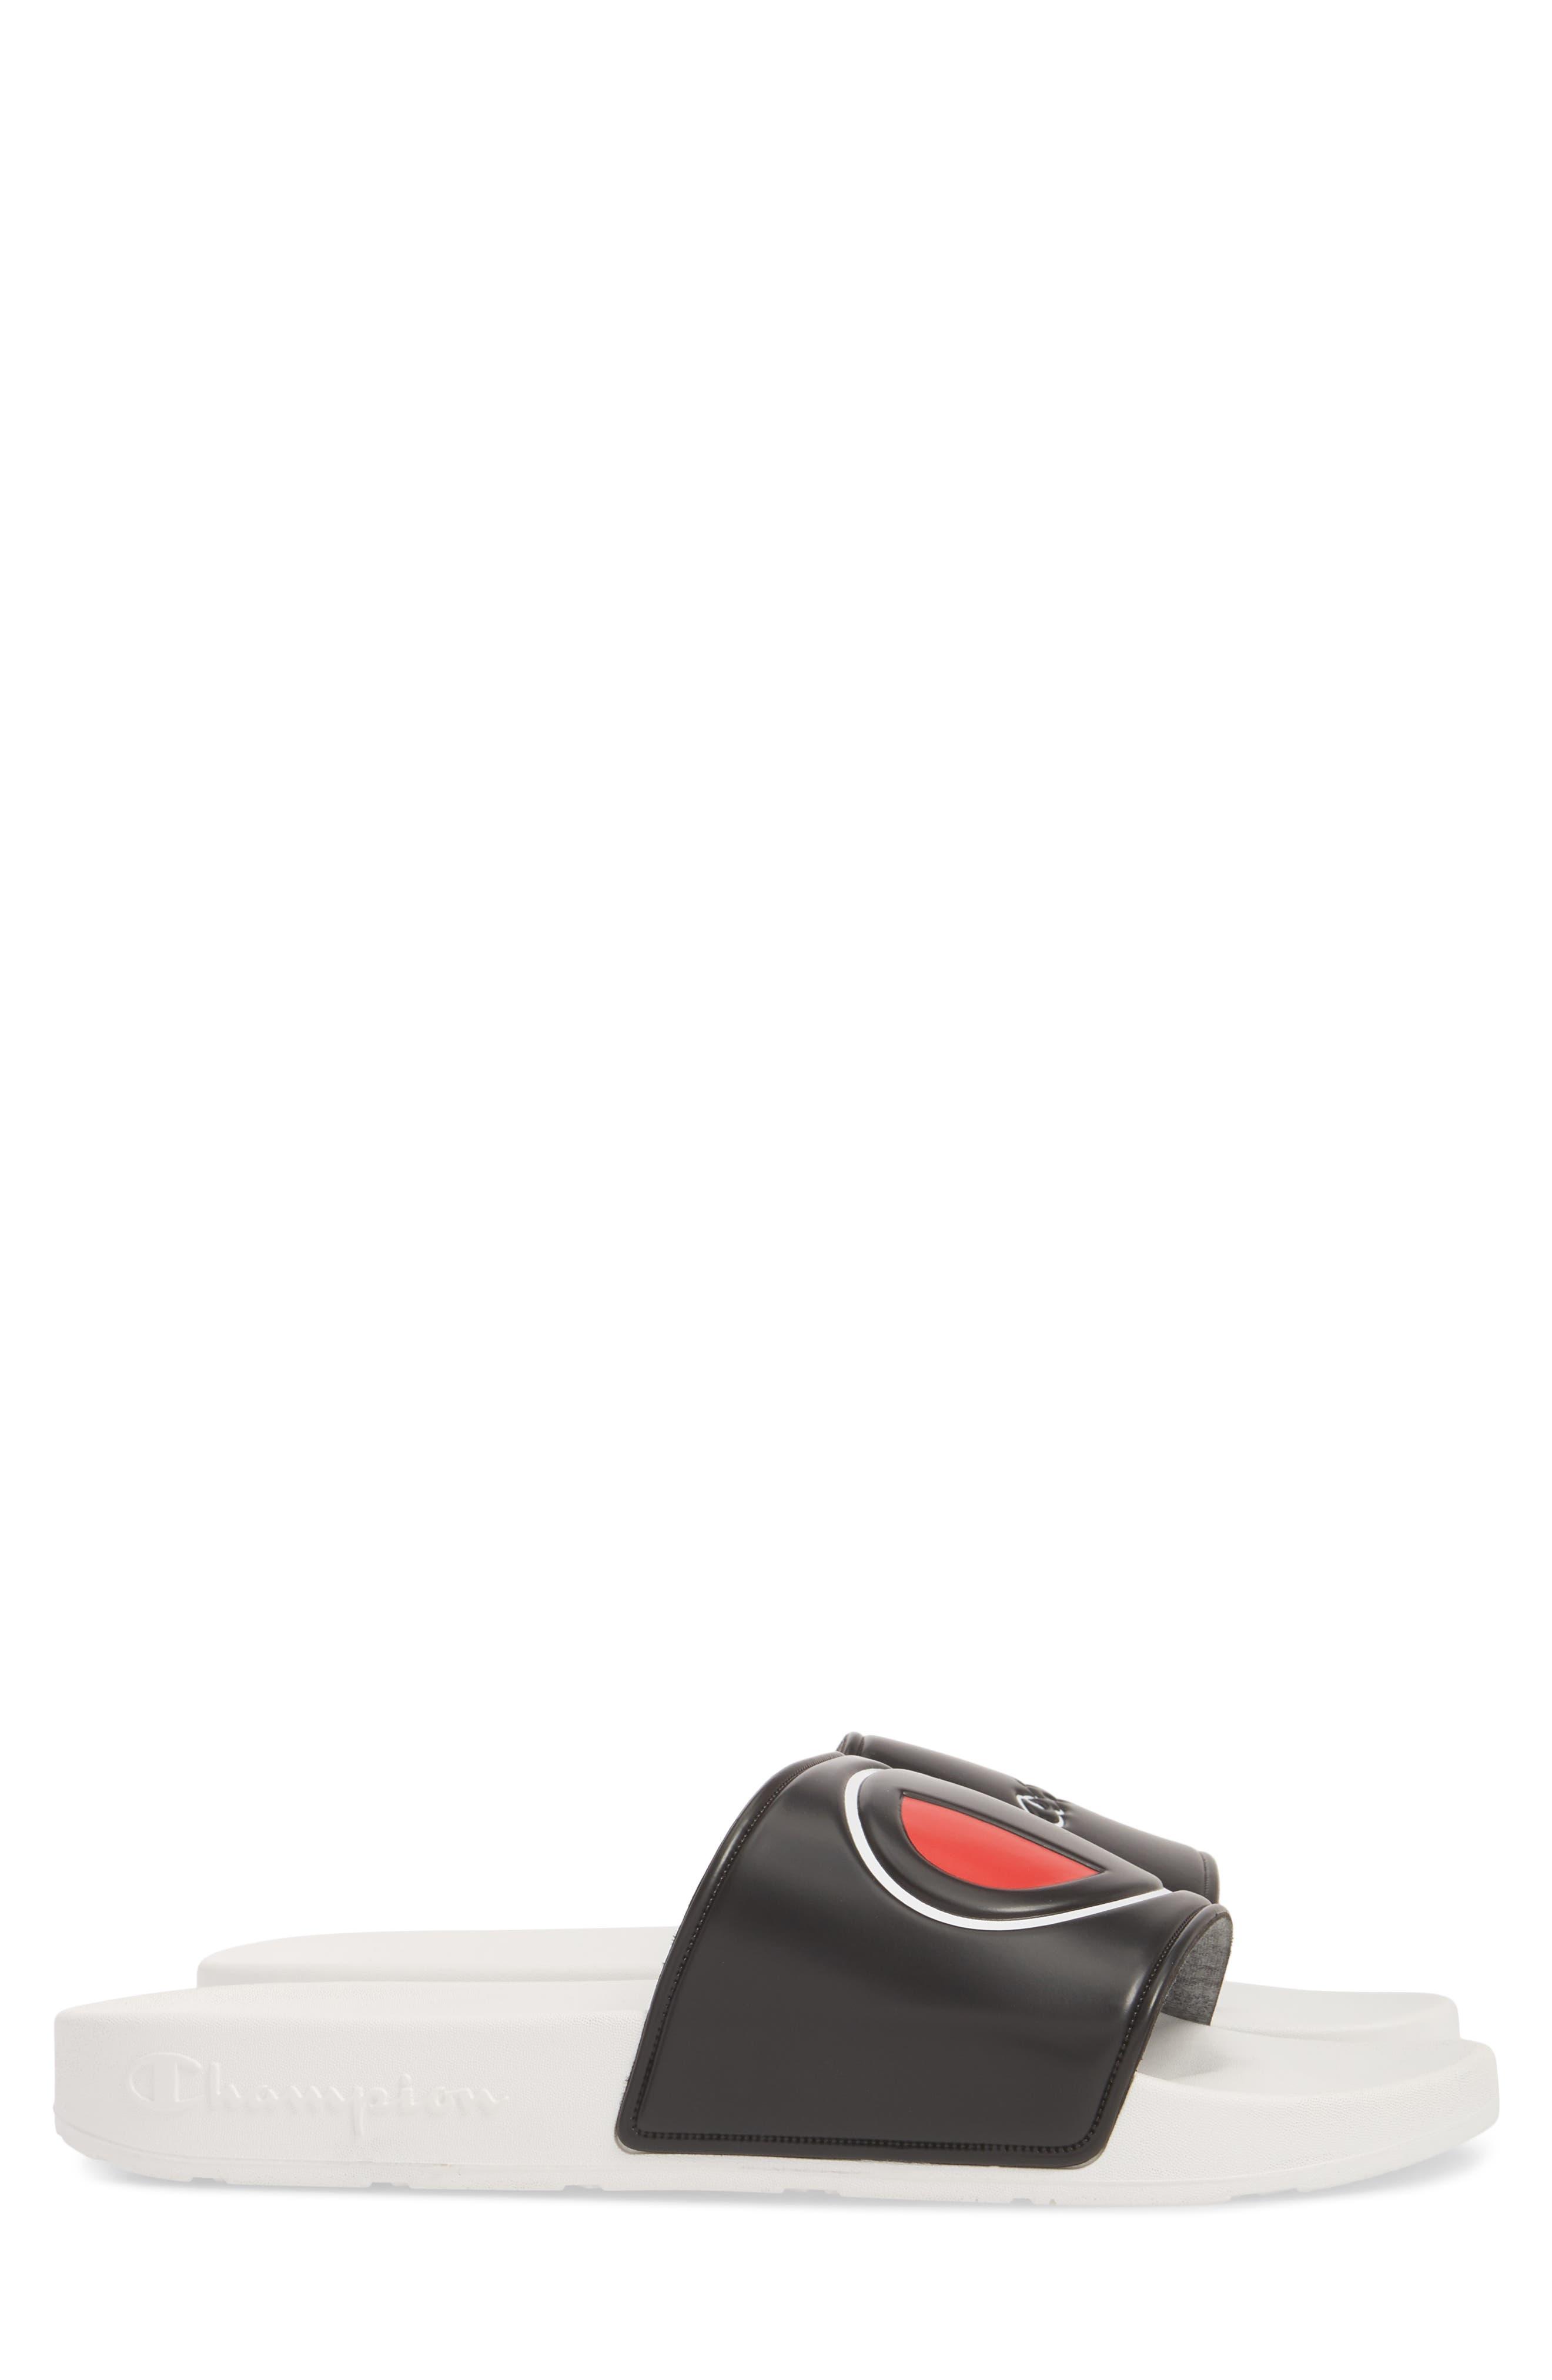 IPO Sport Slide Sandal,                             Alternate thumbnail 4, color,                             001